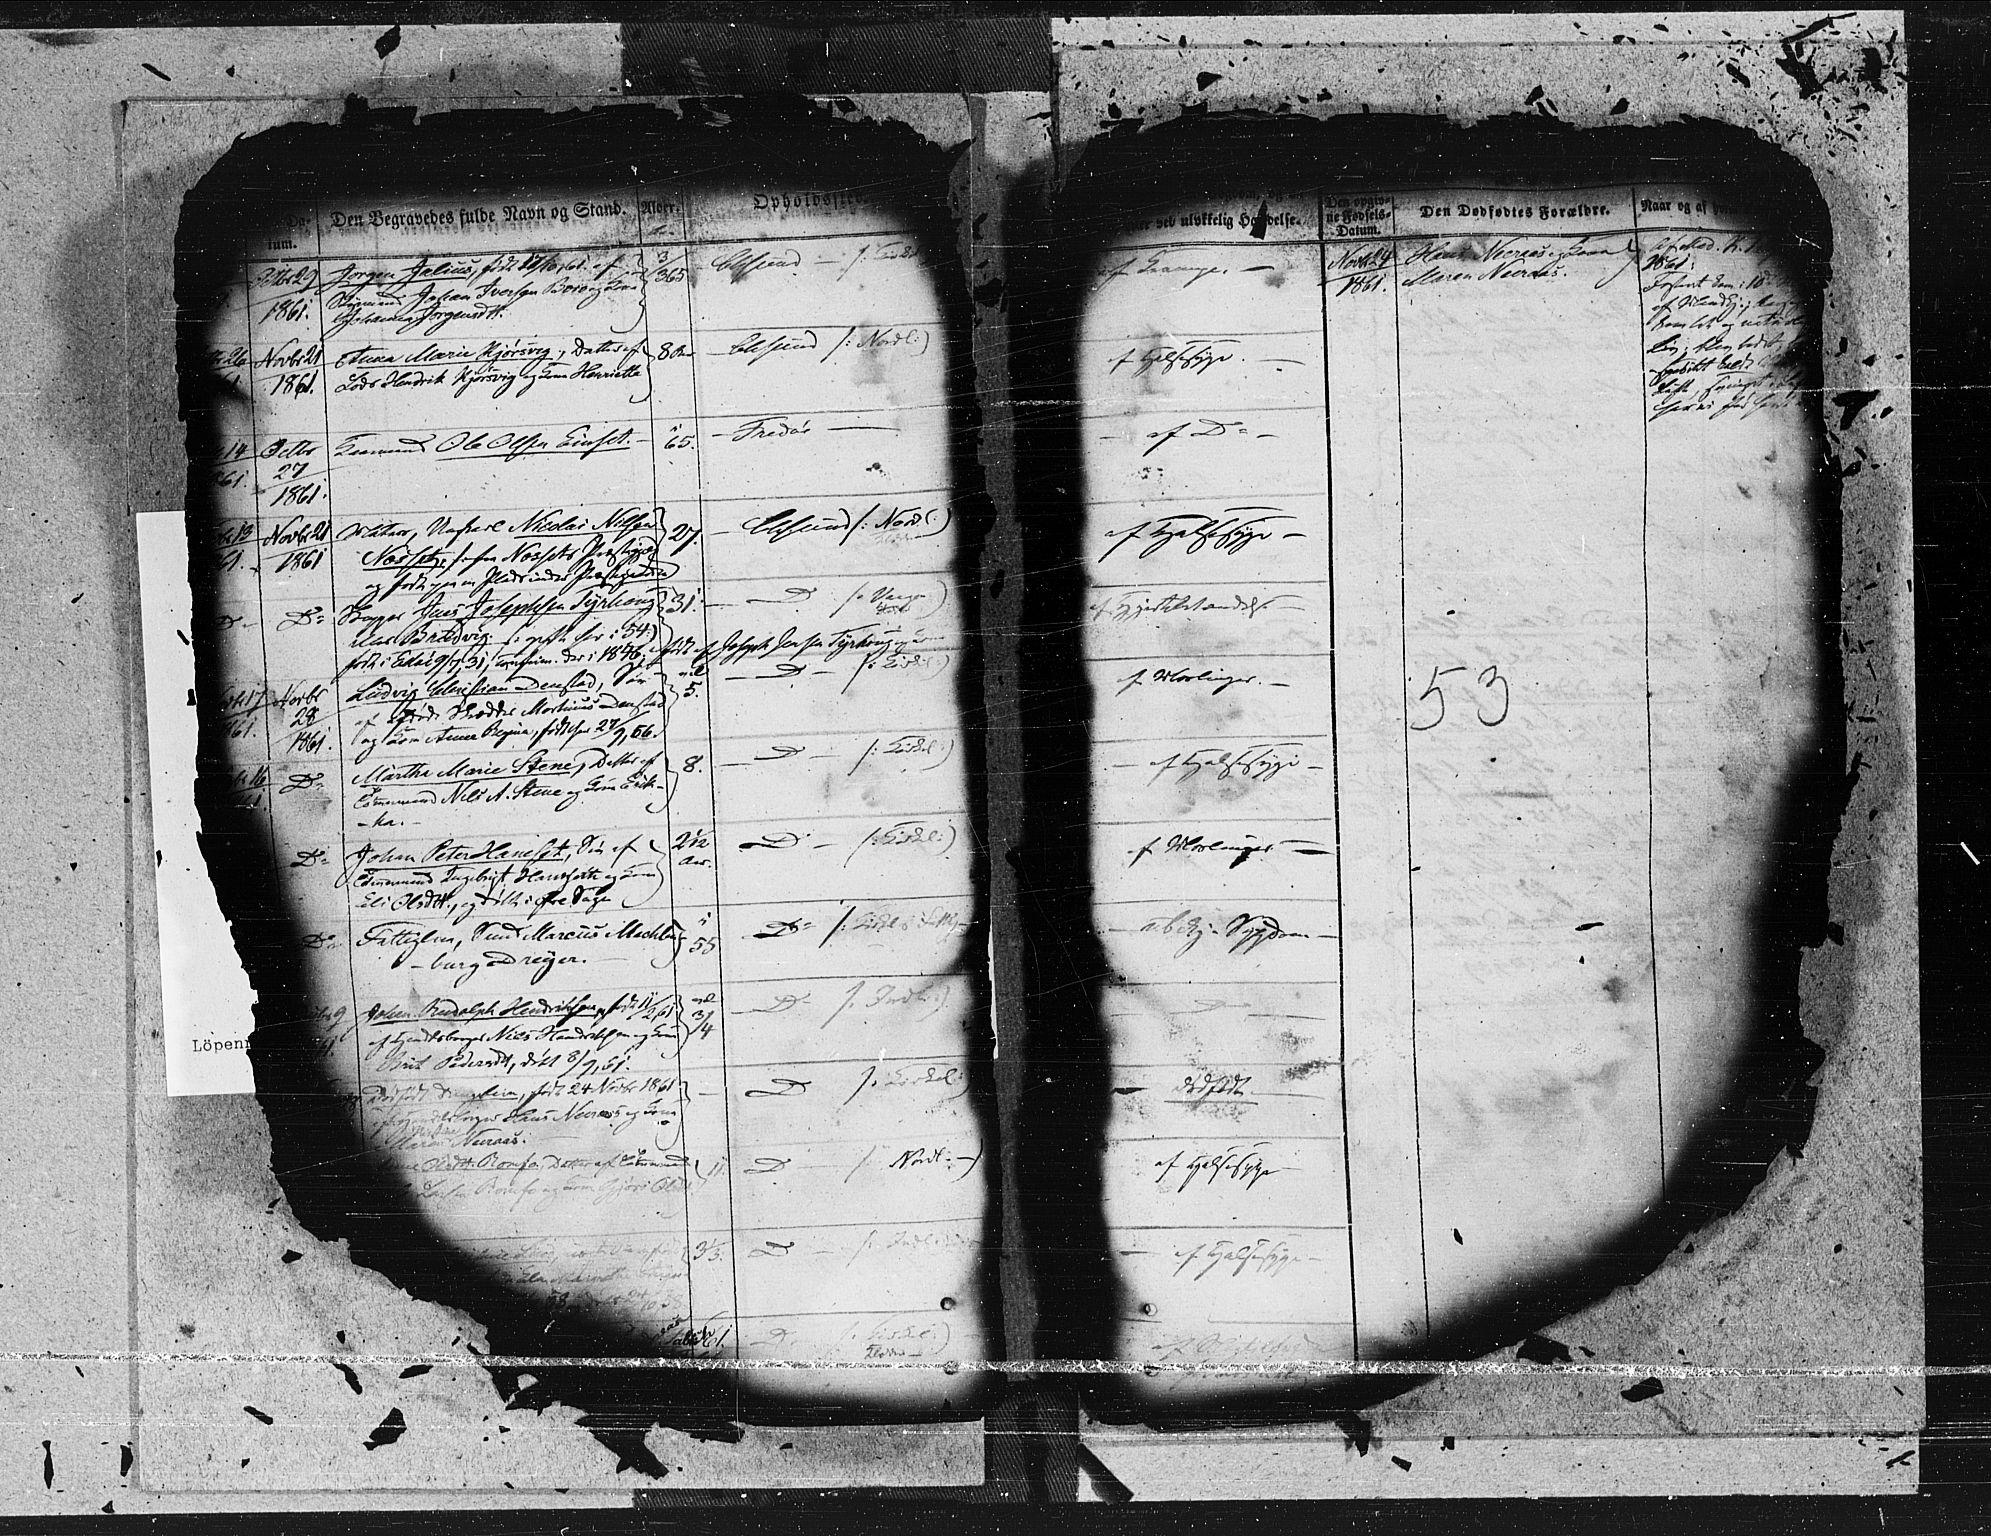 SAT, Arkivreferanse ukjent*, Ministerialbok nr. 2b, 1855-1865, s. 53